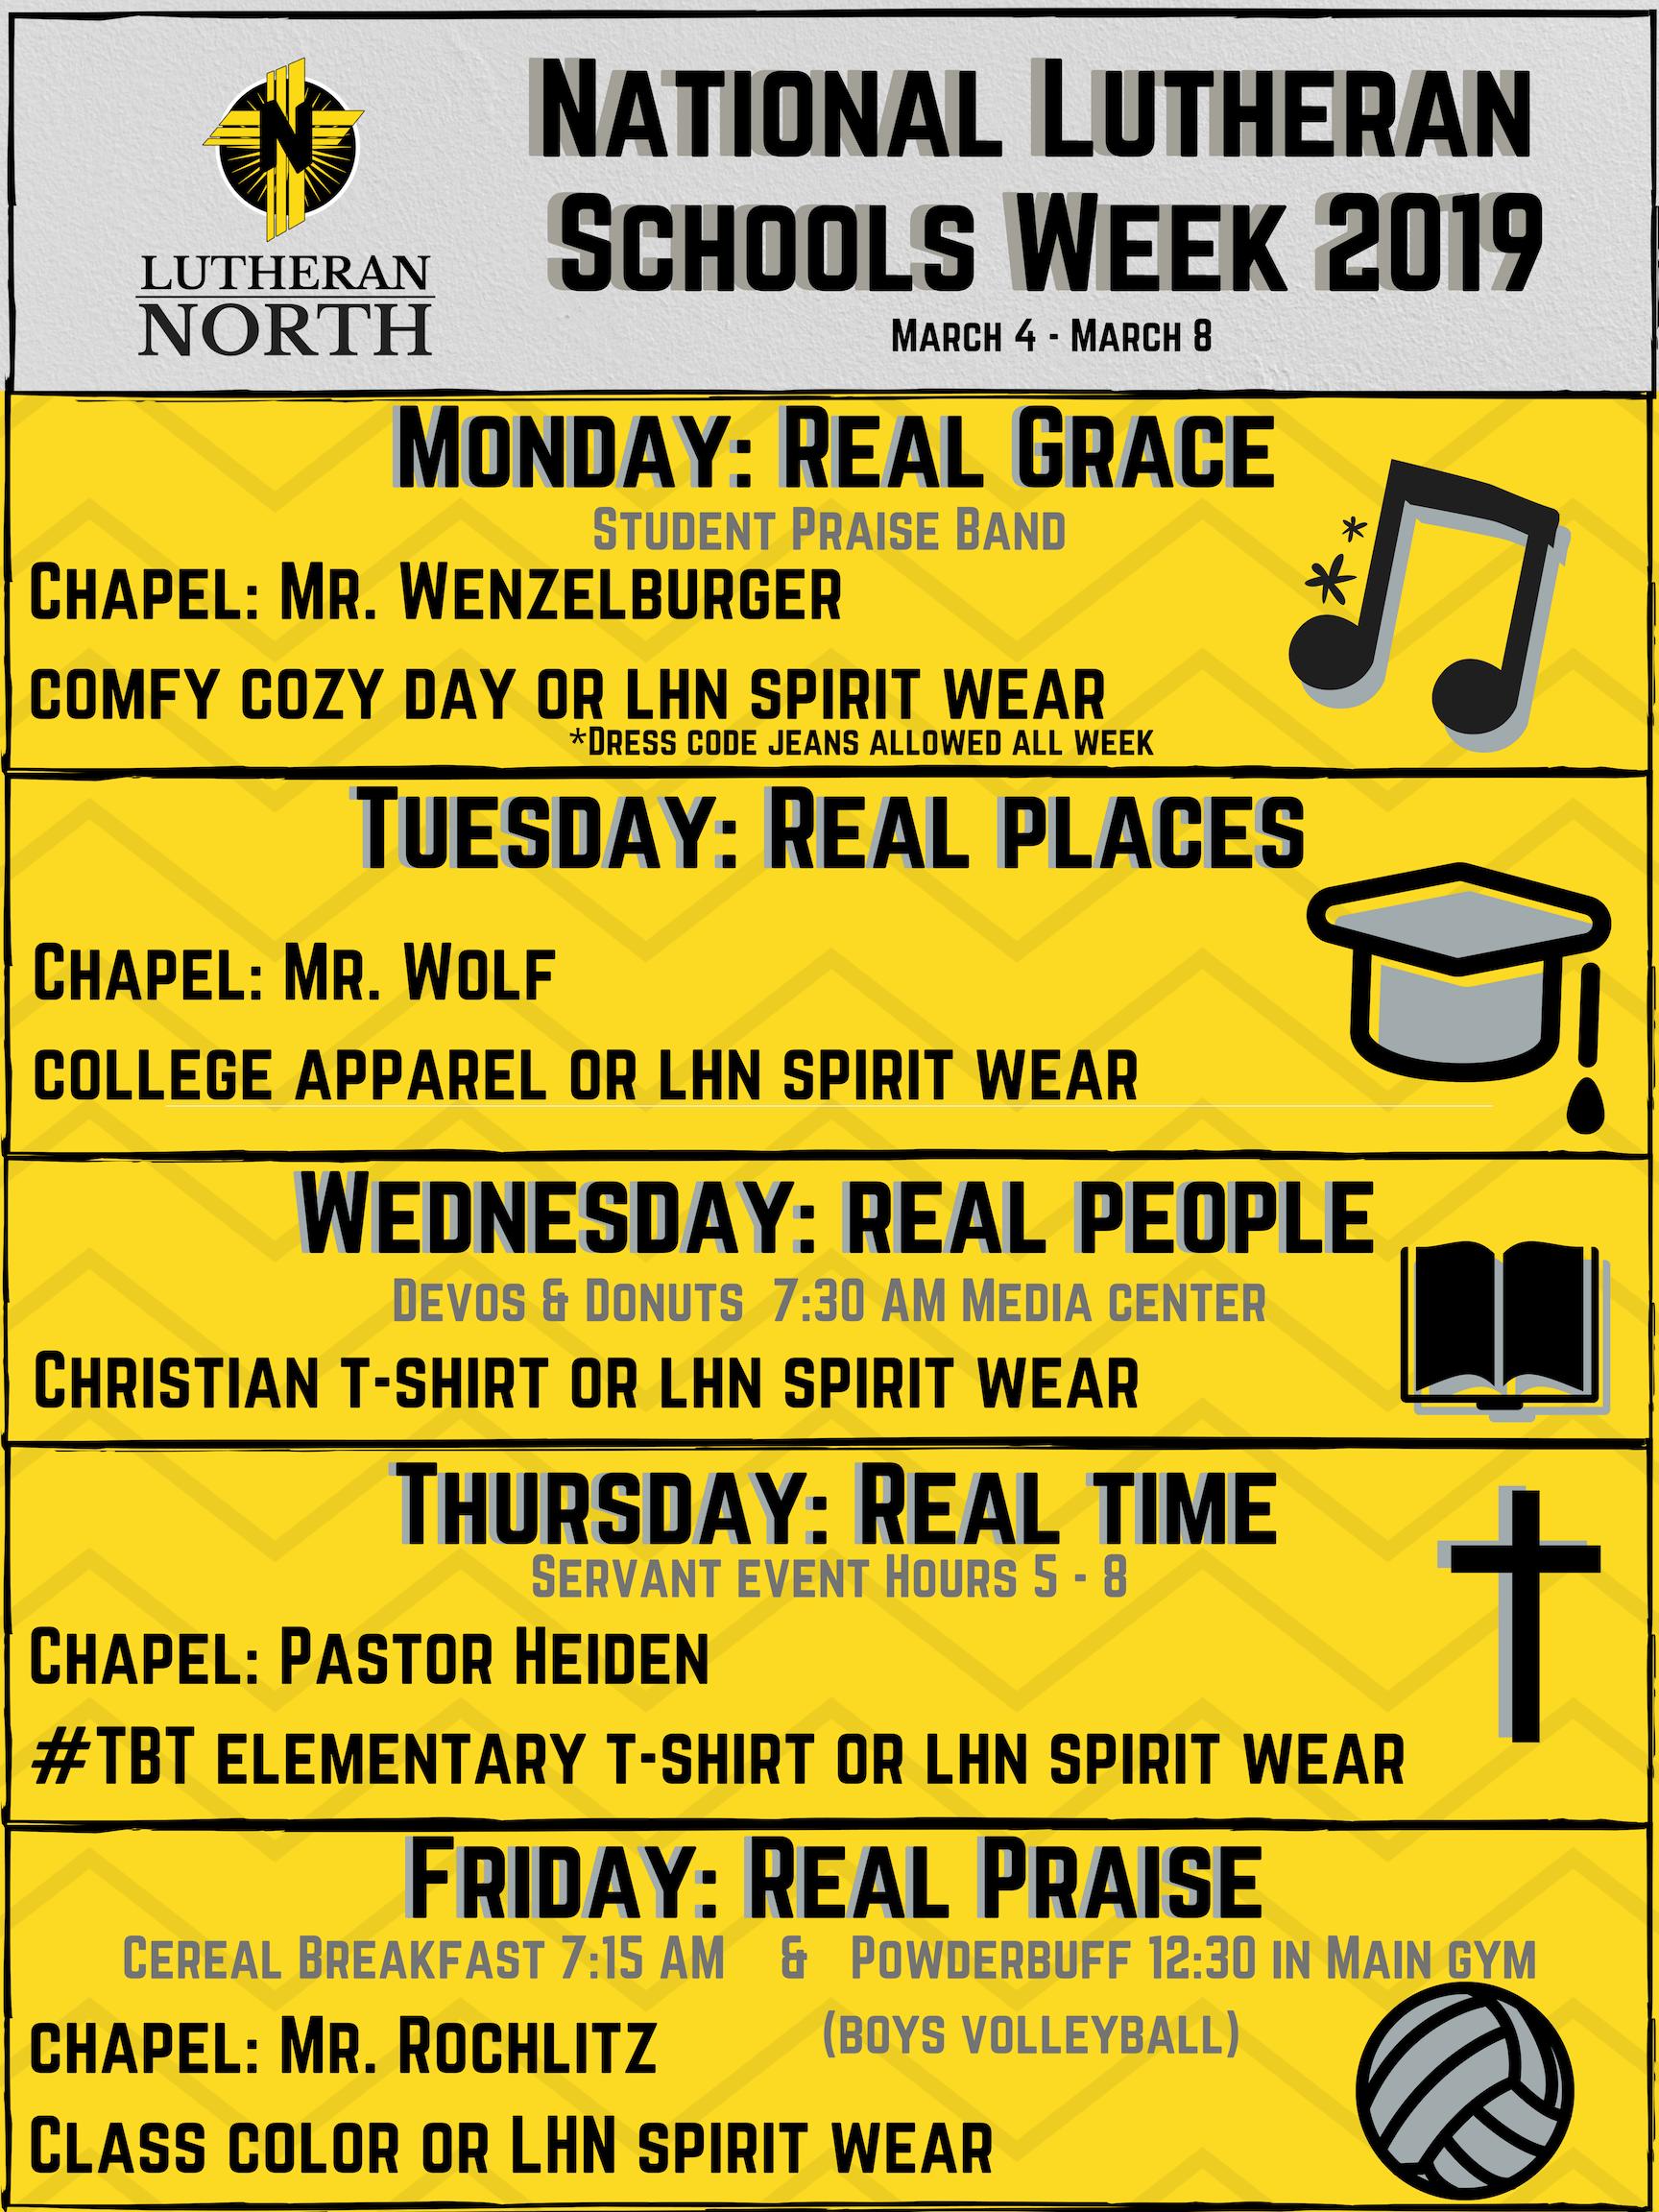 National Lutheran Schools Week 2019 (1).png